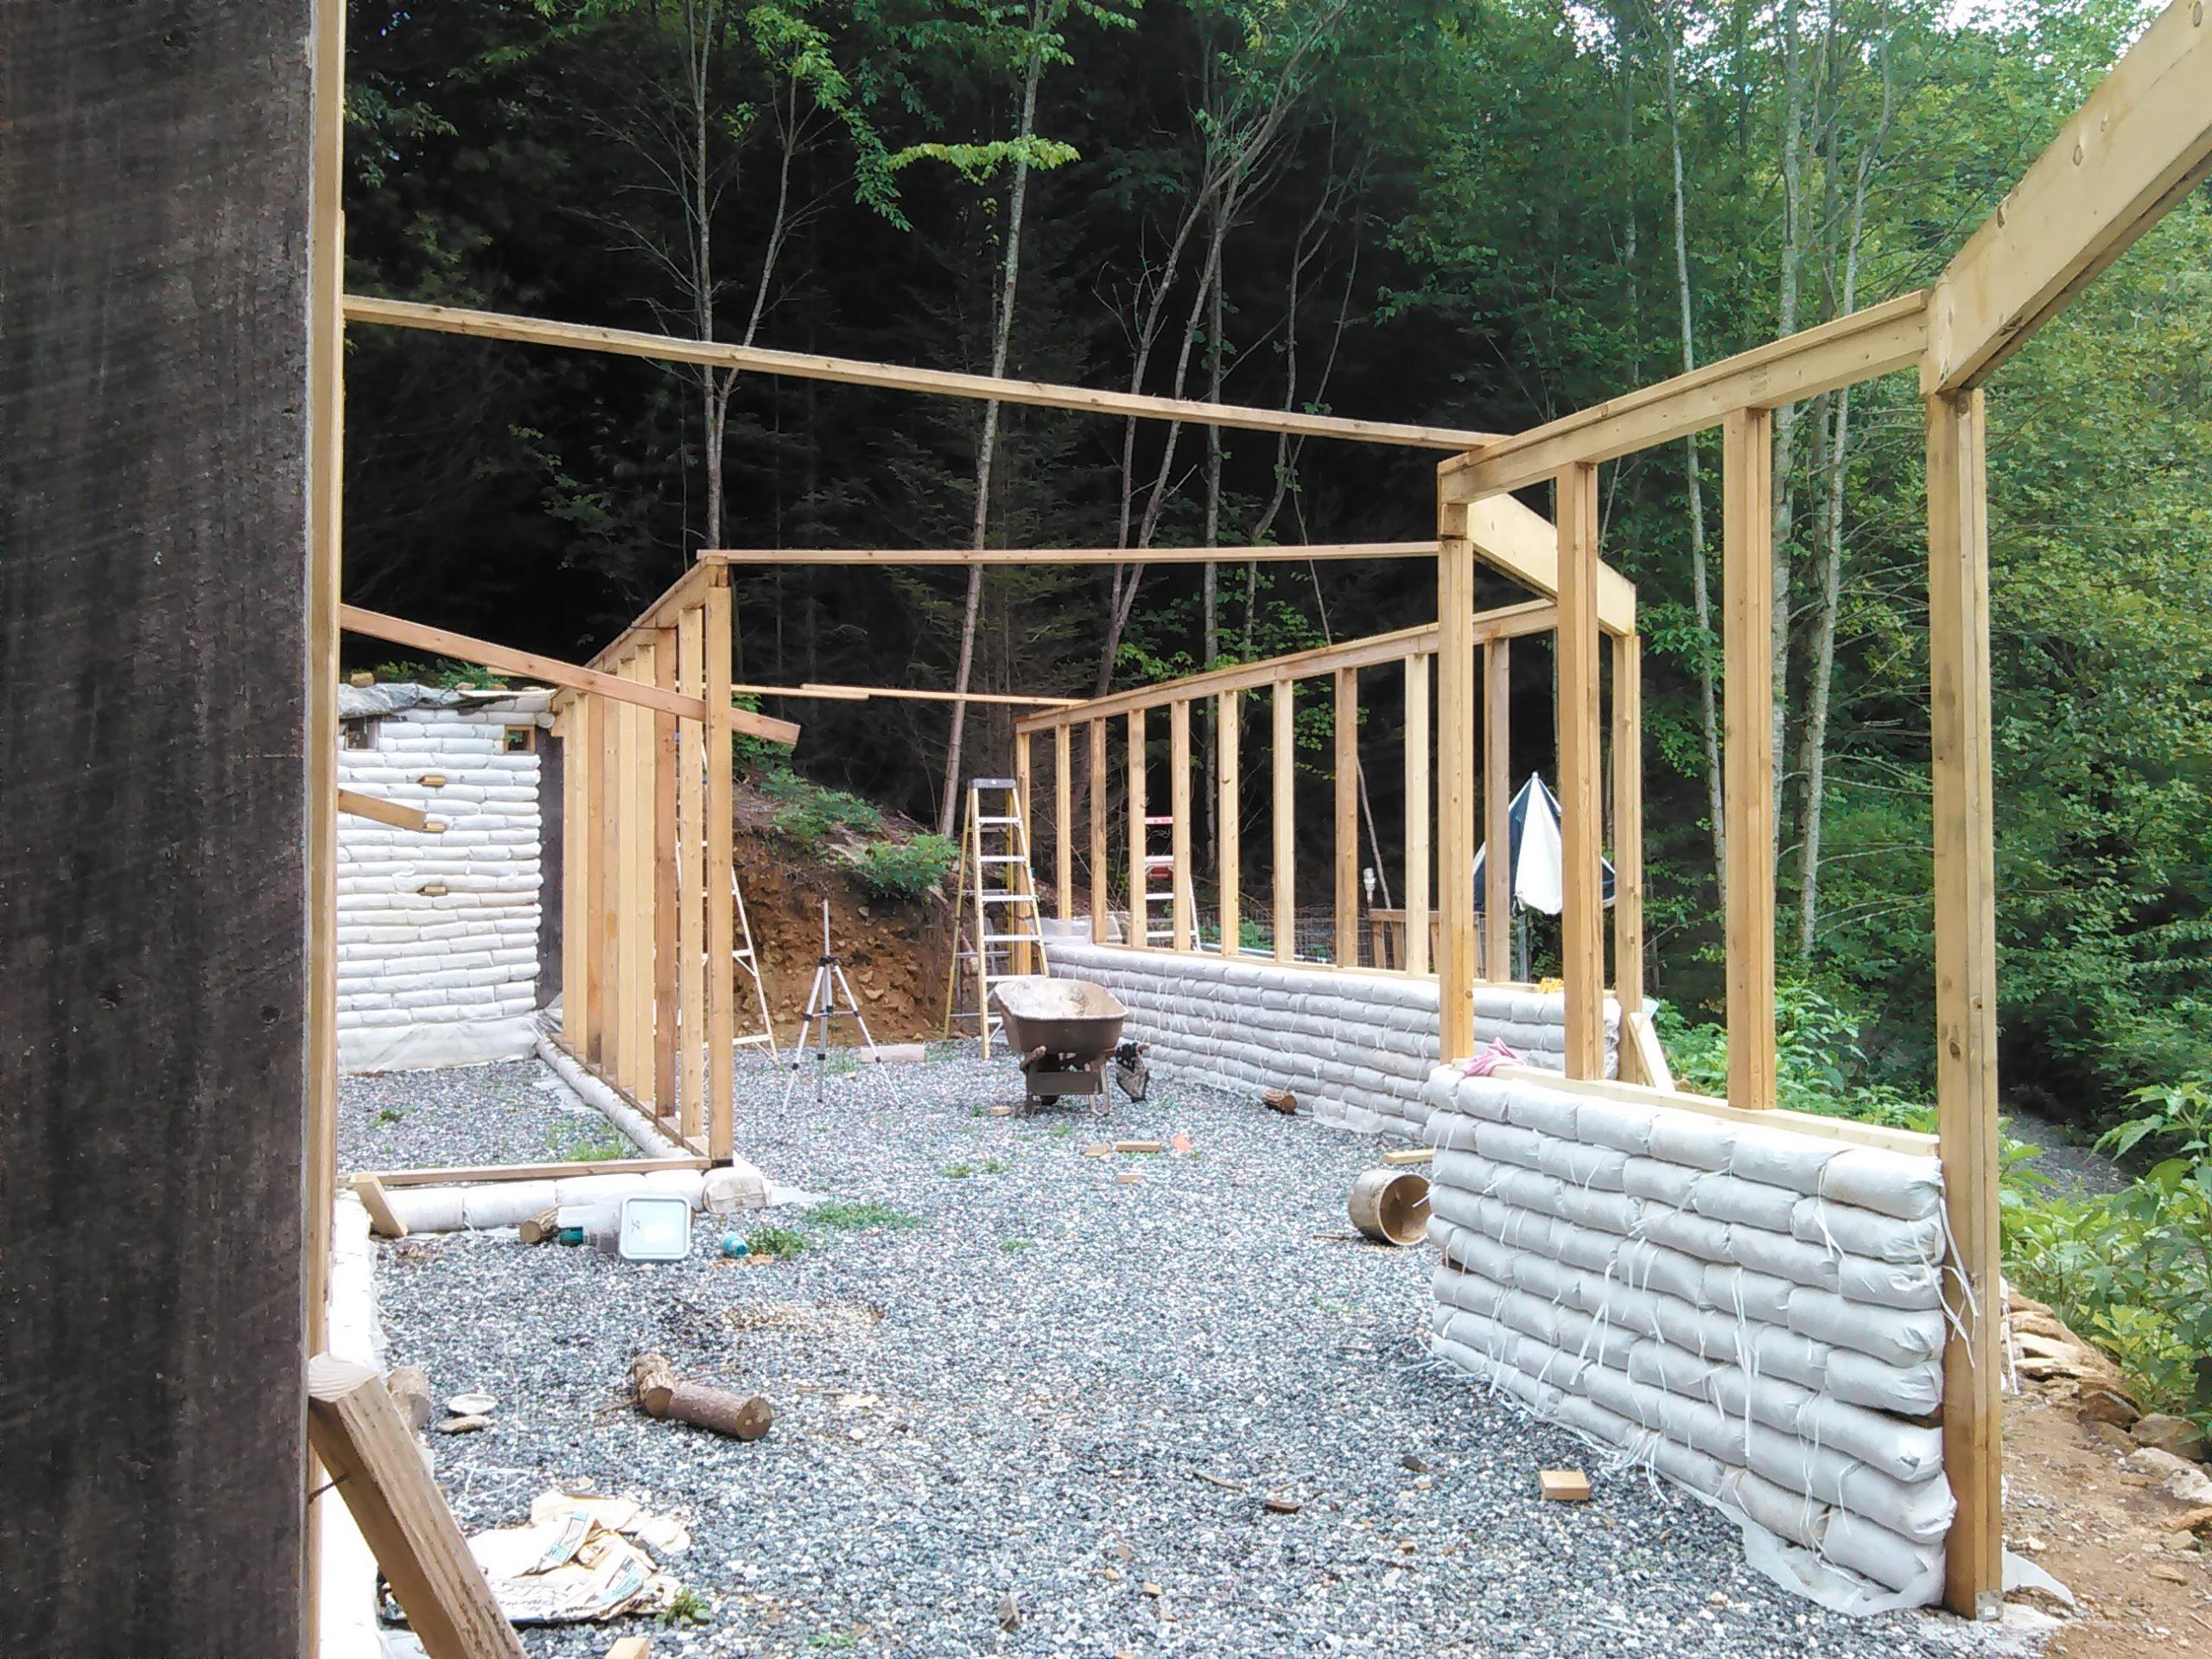 earthbag earthship construction